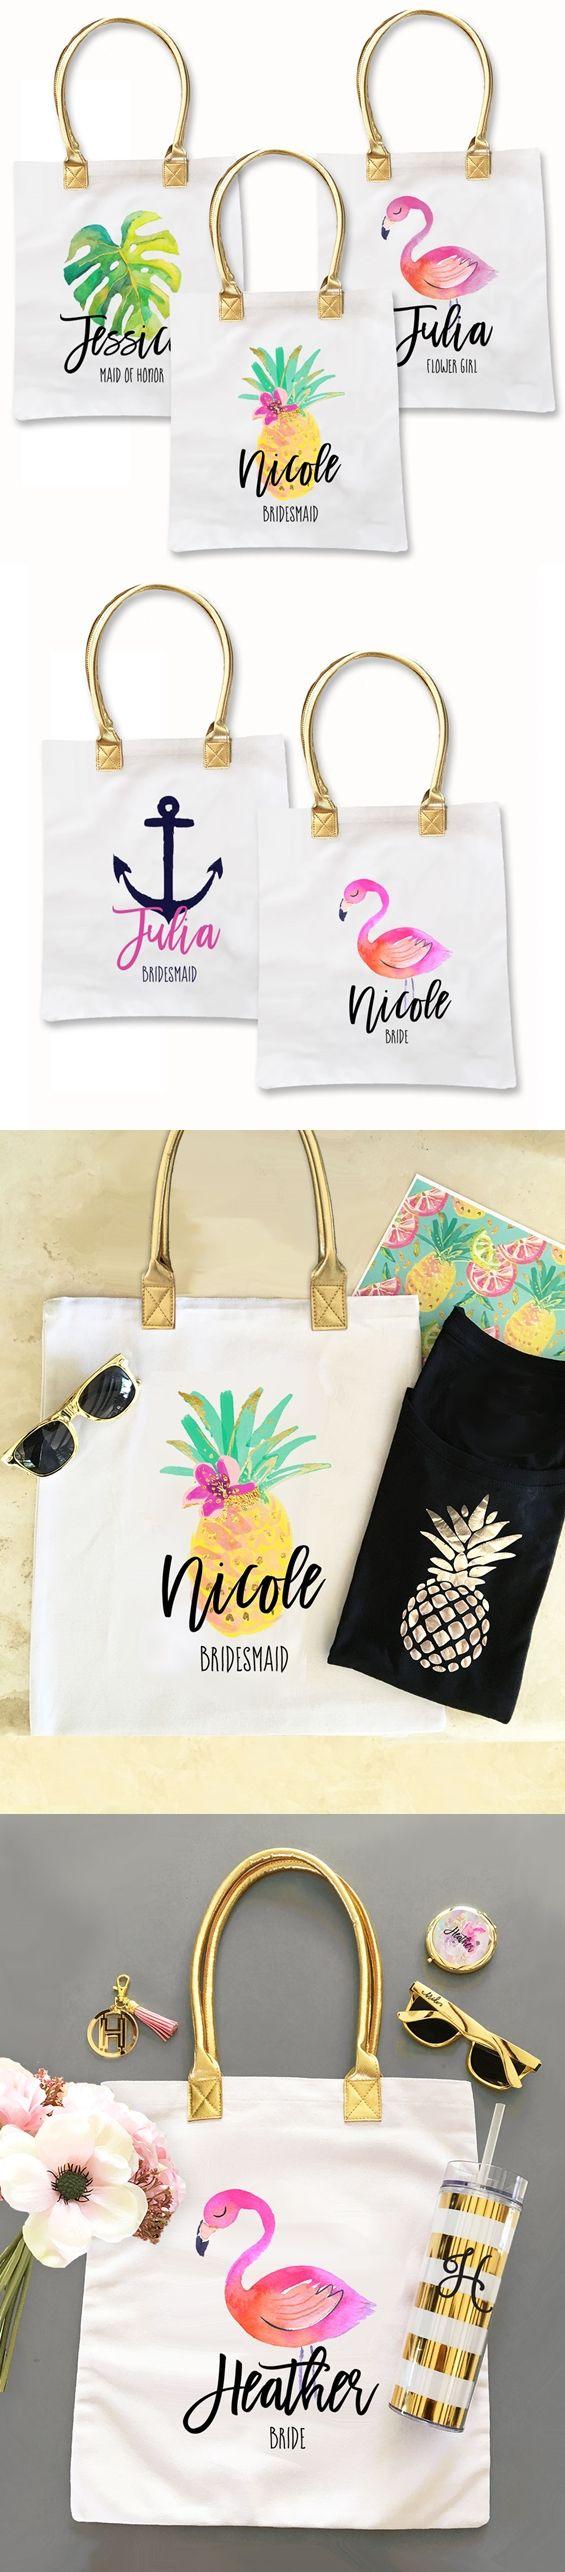 91 best Tropical Chic Favors images on Pinterest | Favors, Boutique ...